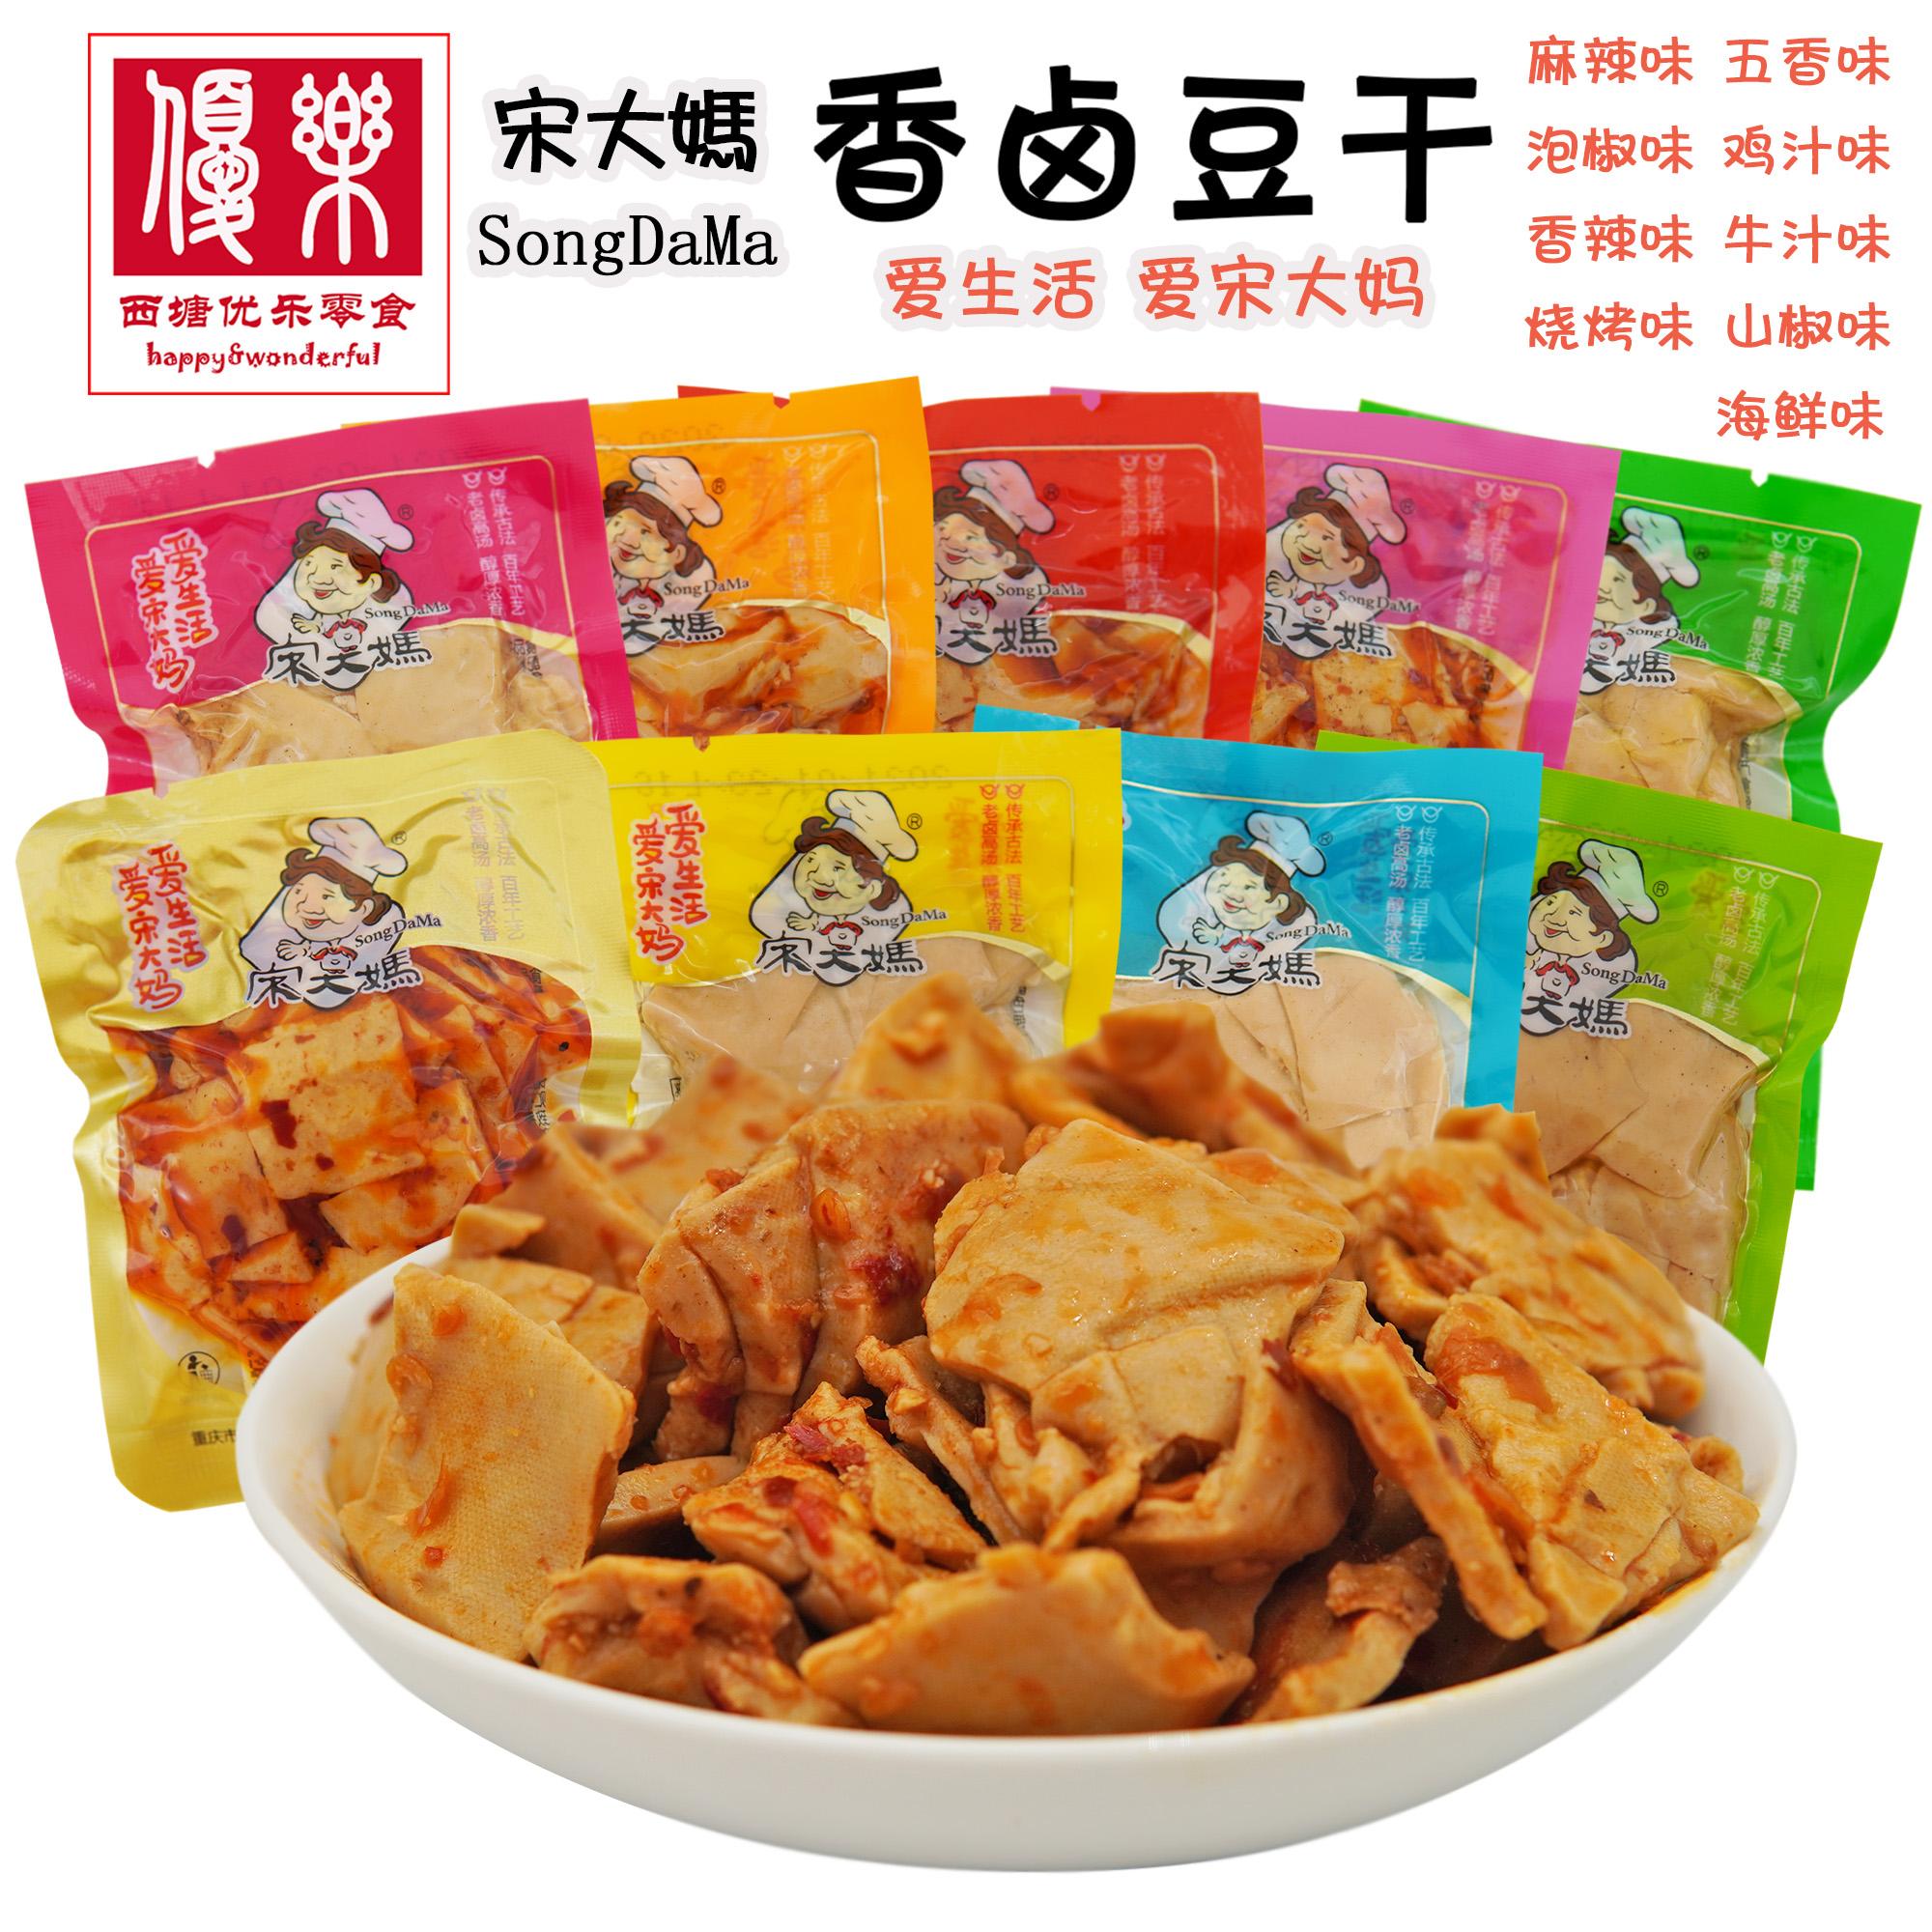 【包邮】宋大妈香卤豆干500g麻辣五香辣味豆腐重庆特产休闲零食品